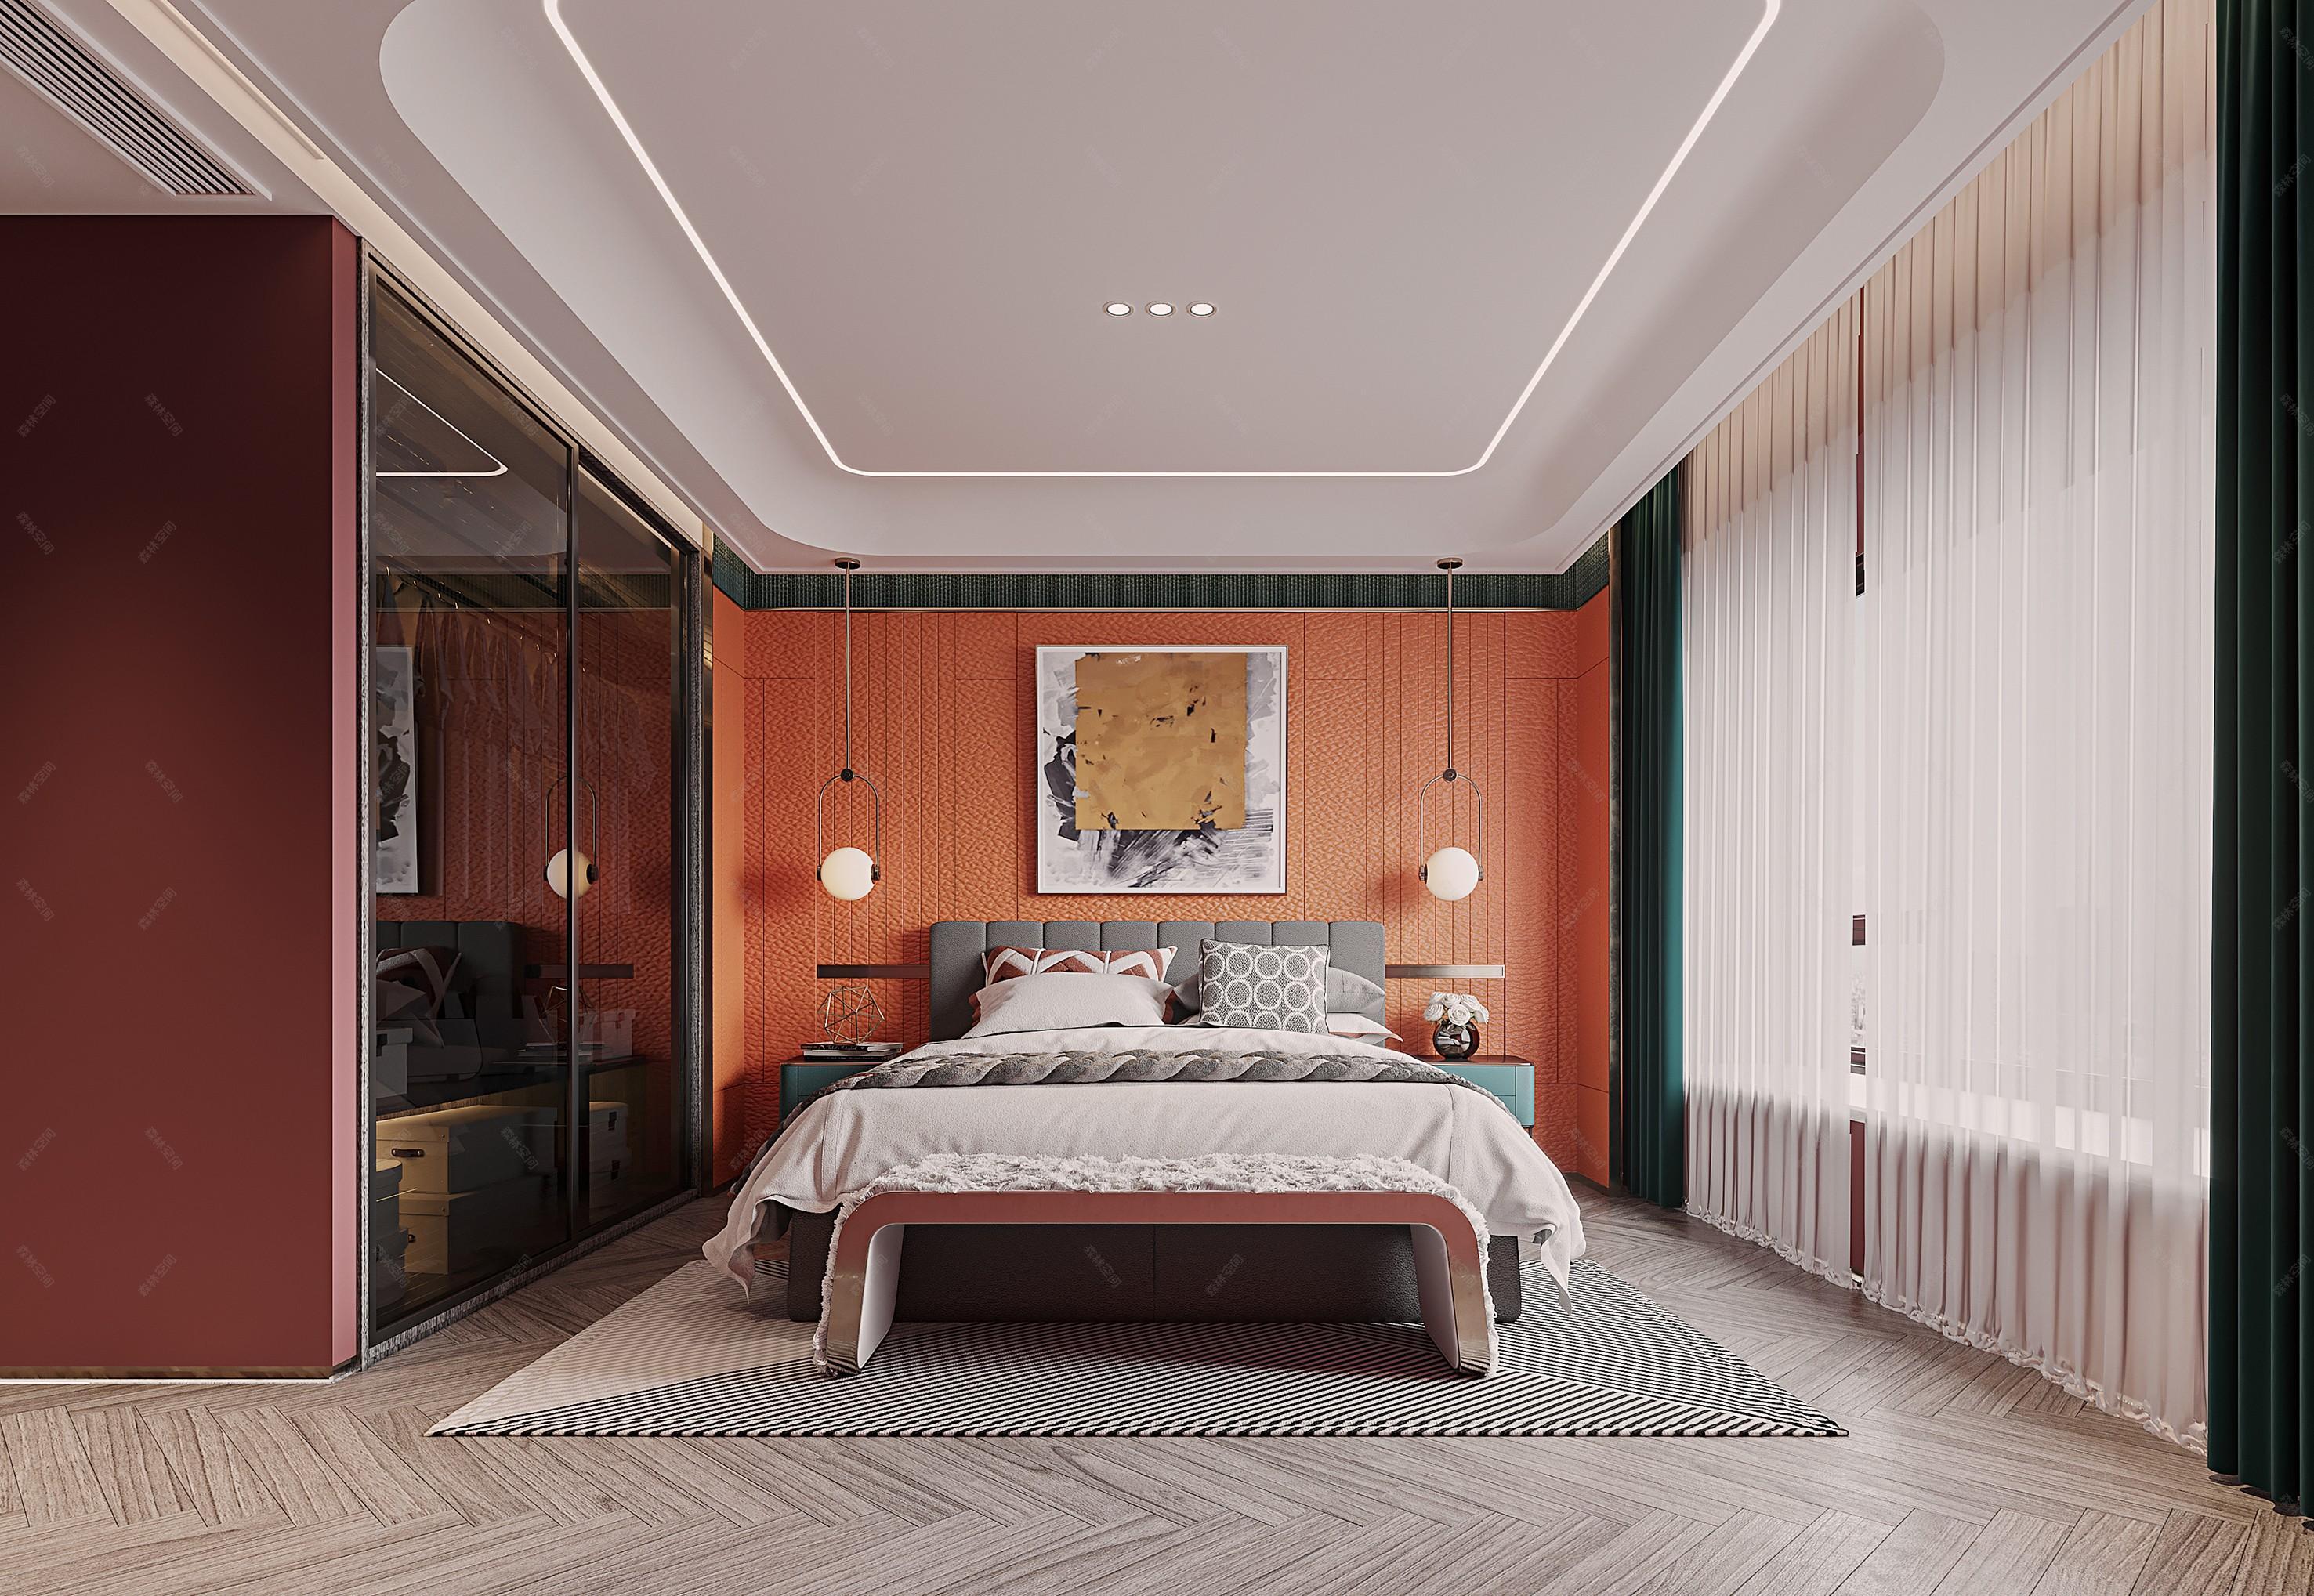 小空间户型该如何做好卧室装修风格